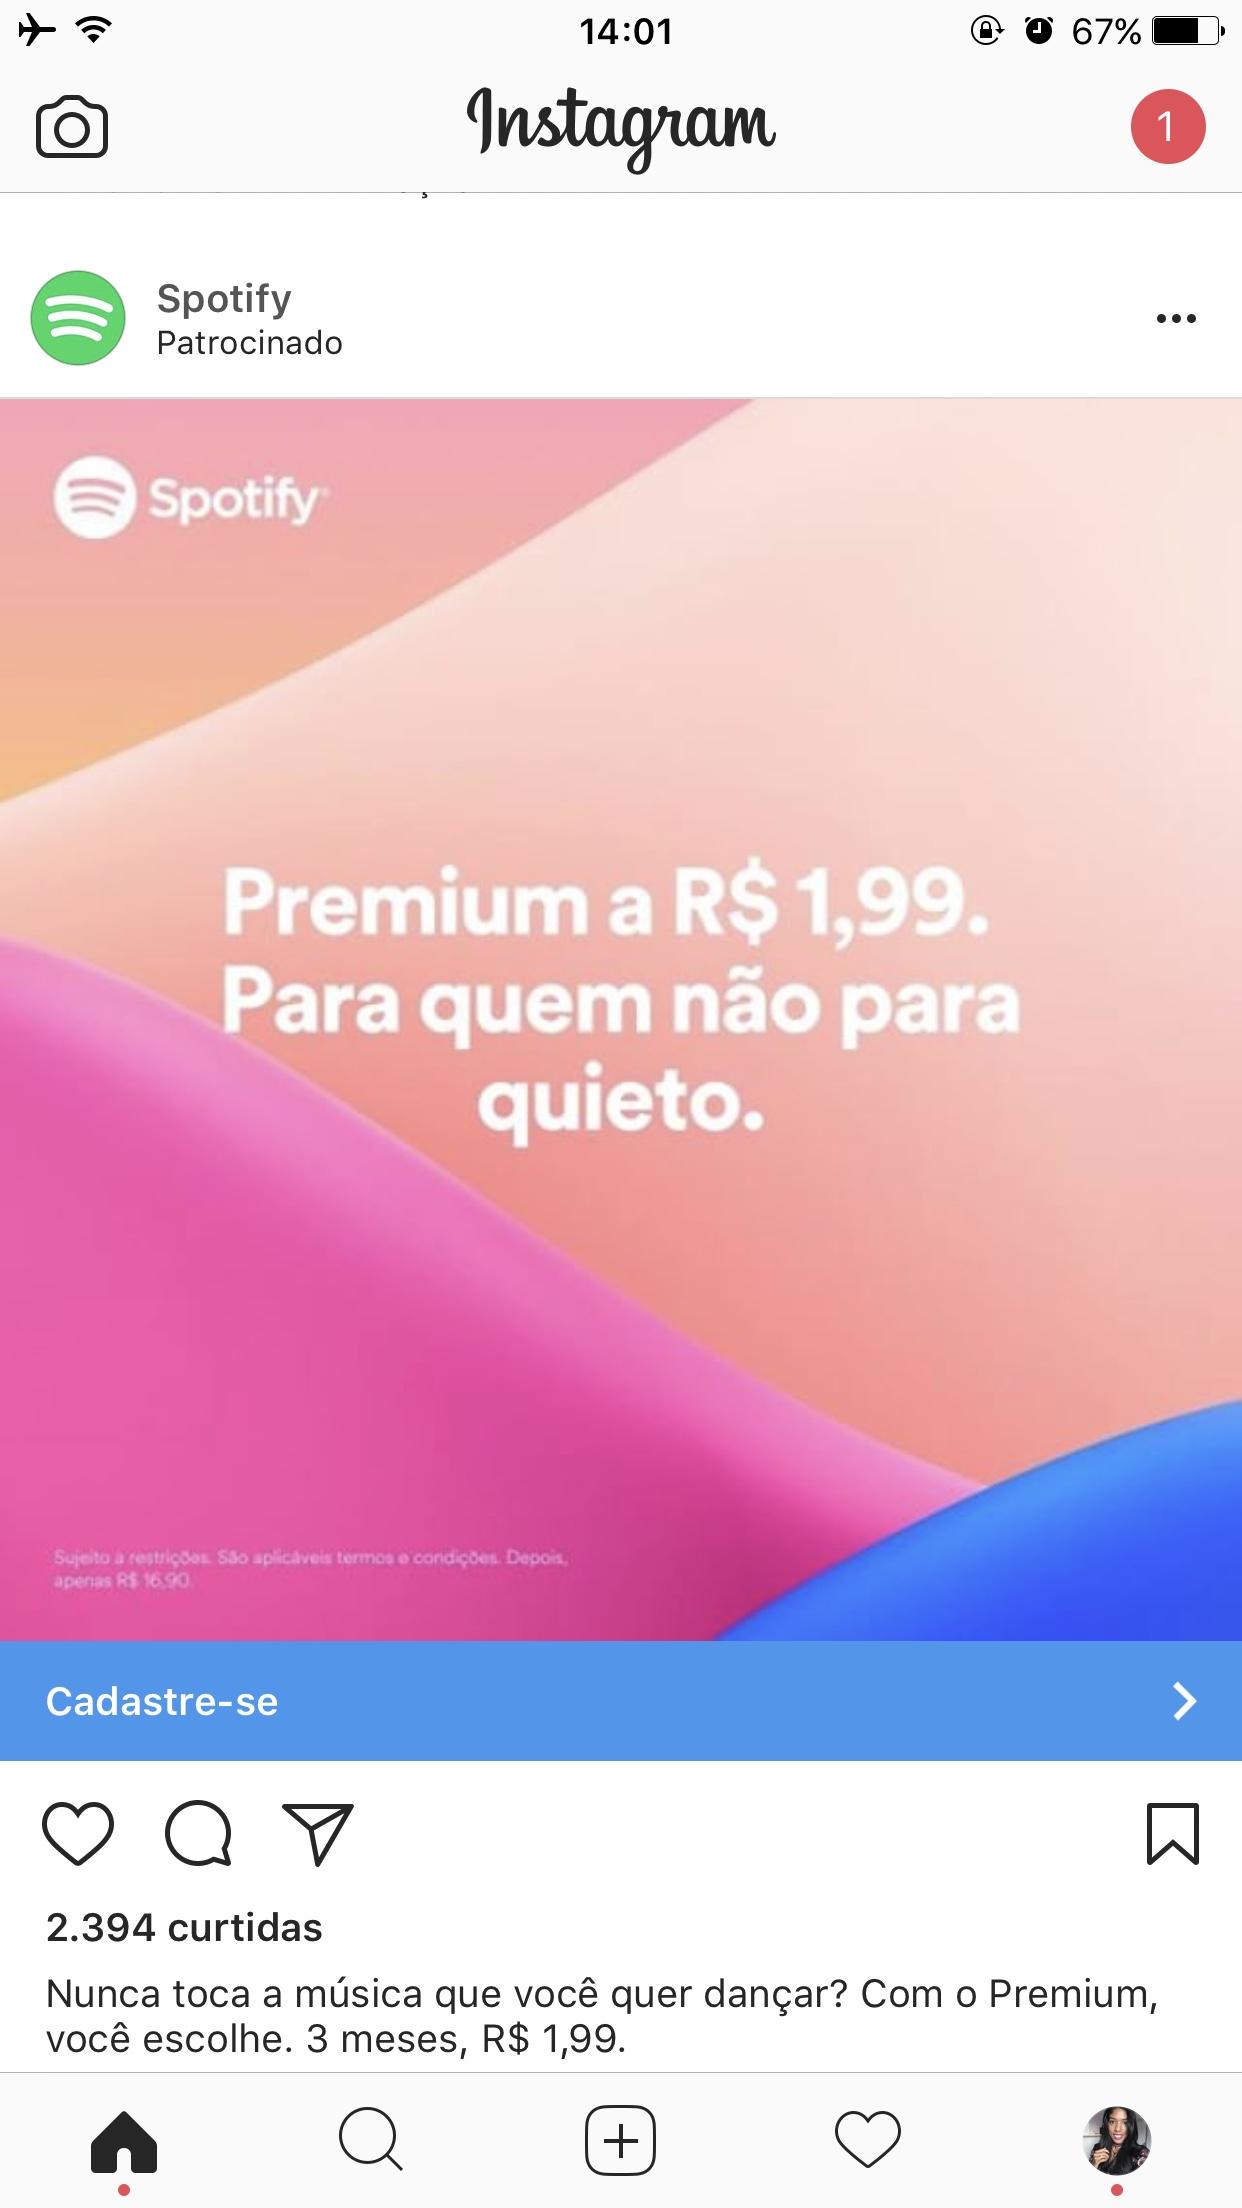 anuncios-do-instagram-para-conversao-do-site (1)